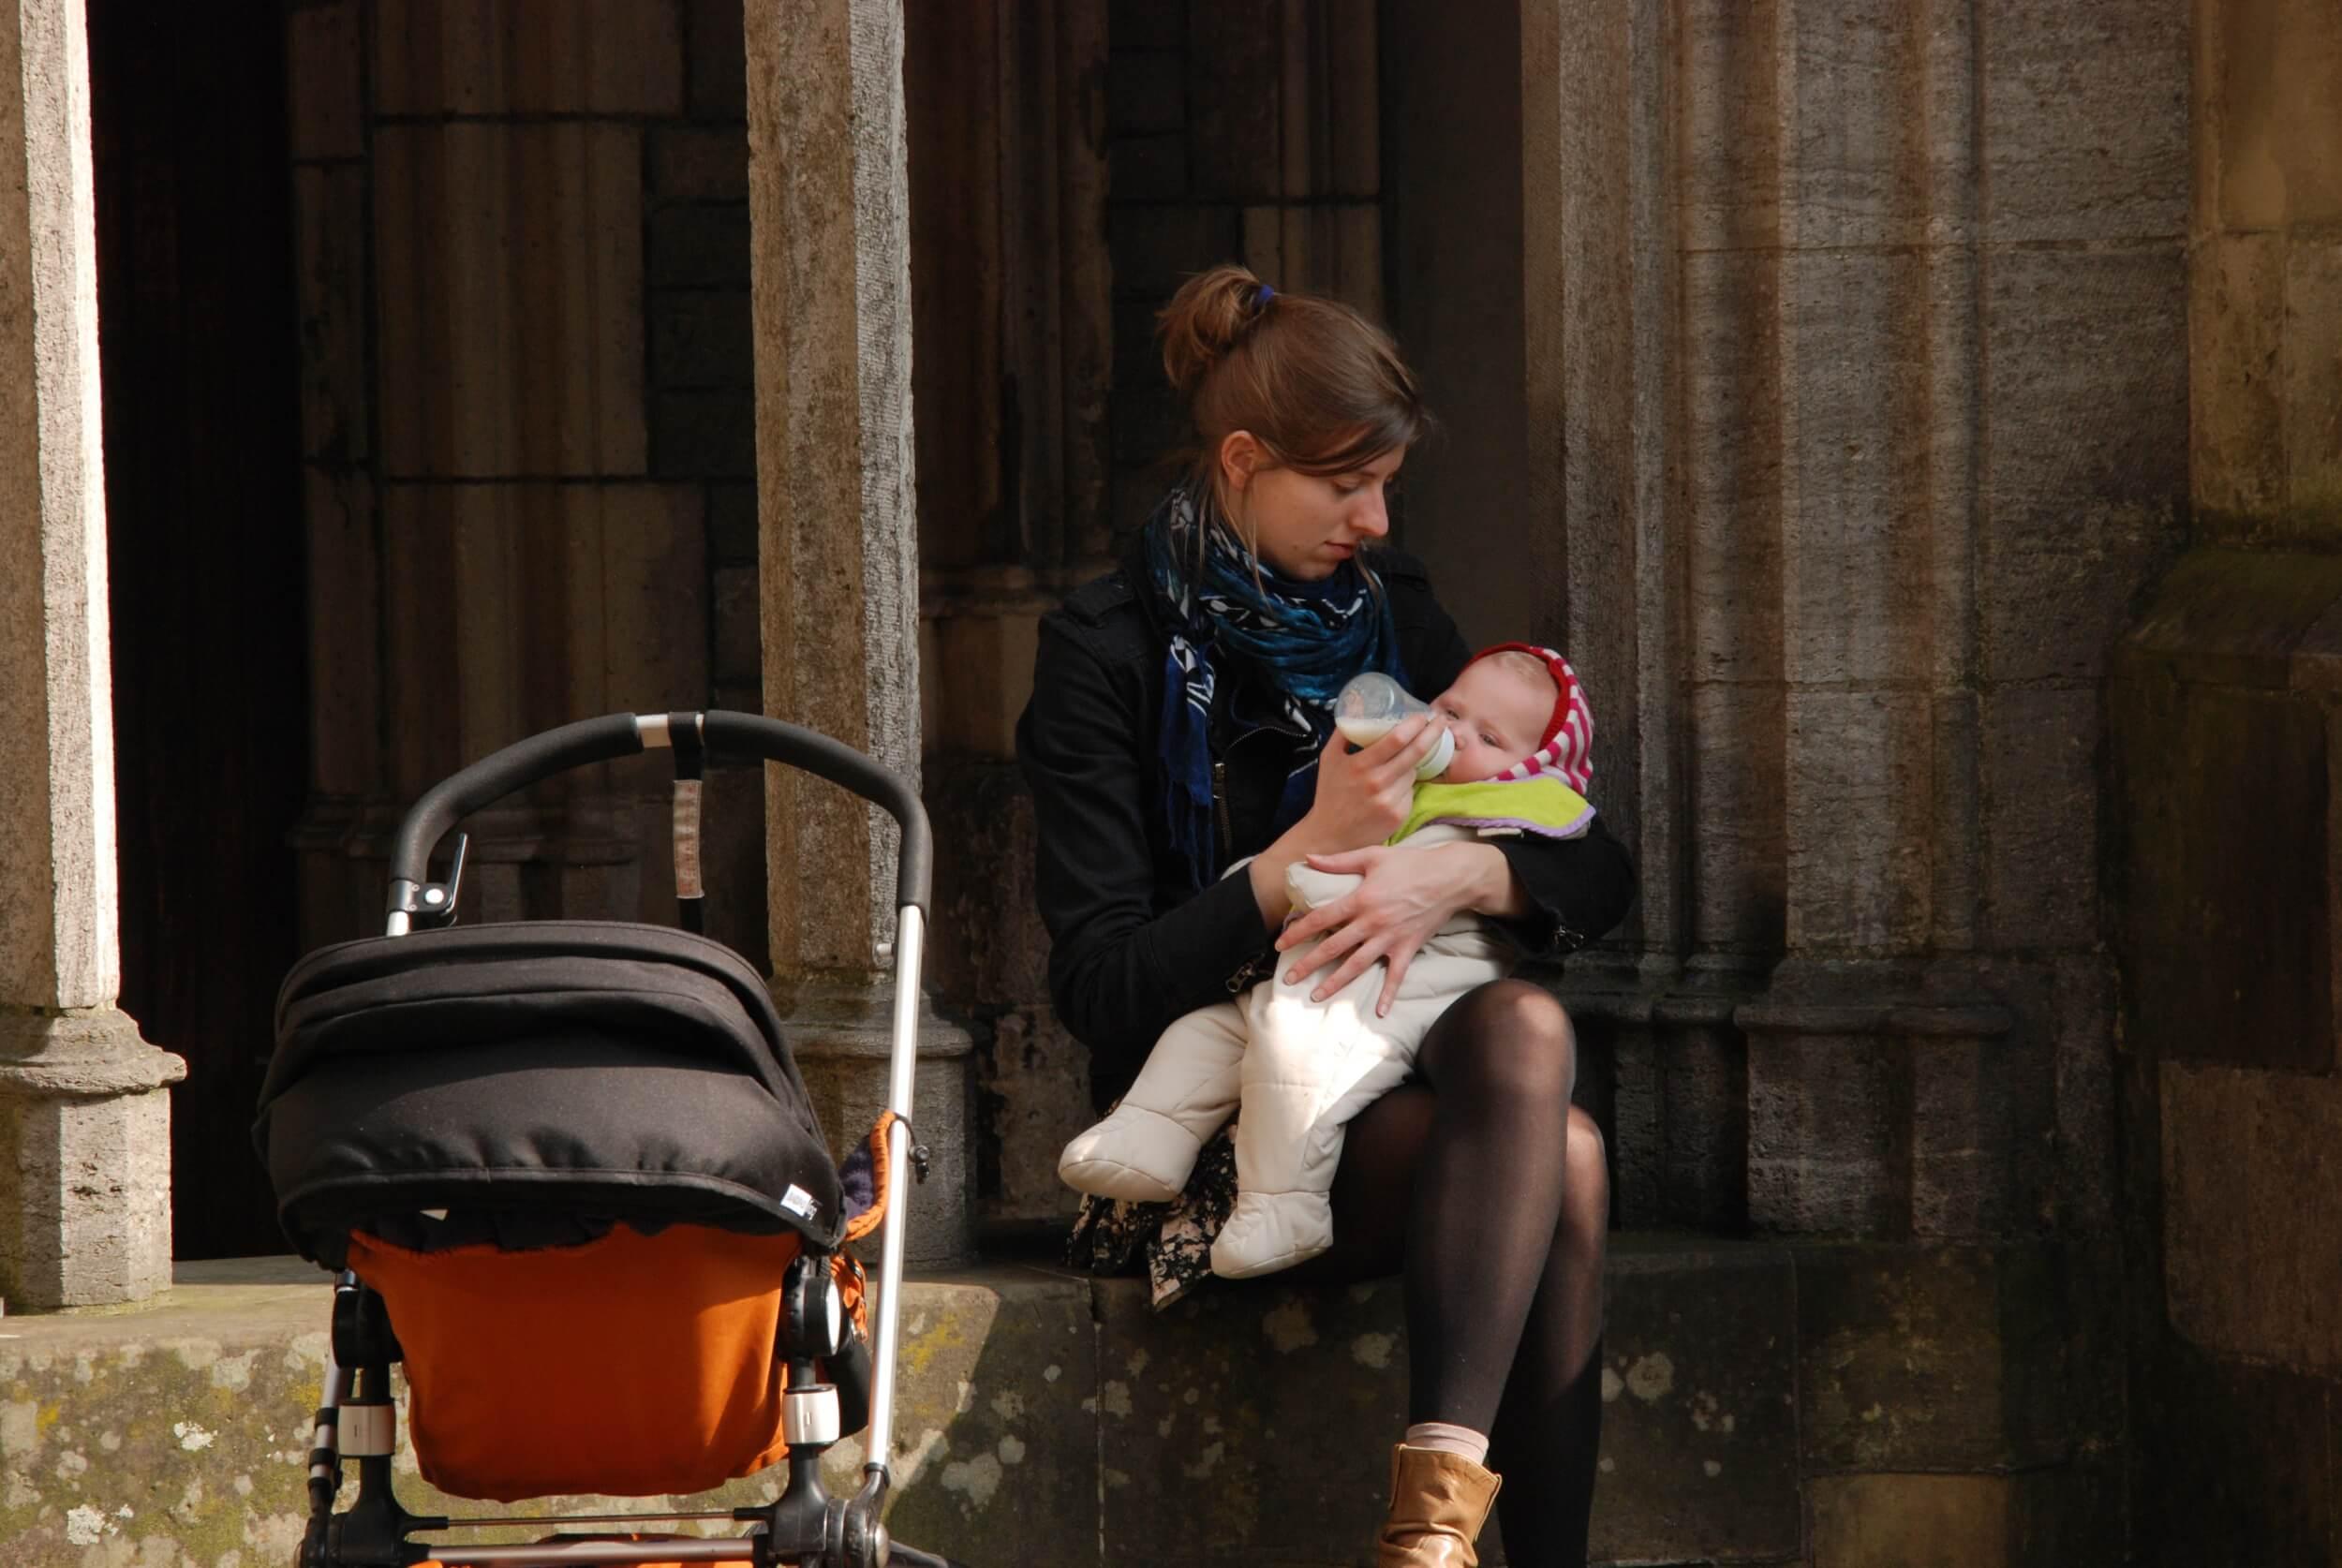 Baby wird mit Flasche gefüttert (c) mrsbrown / pixabay.de